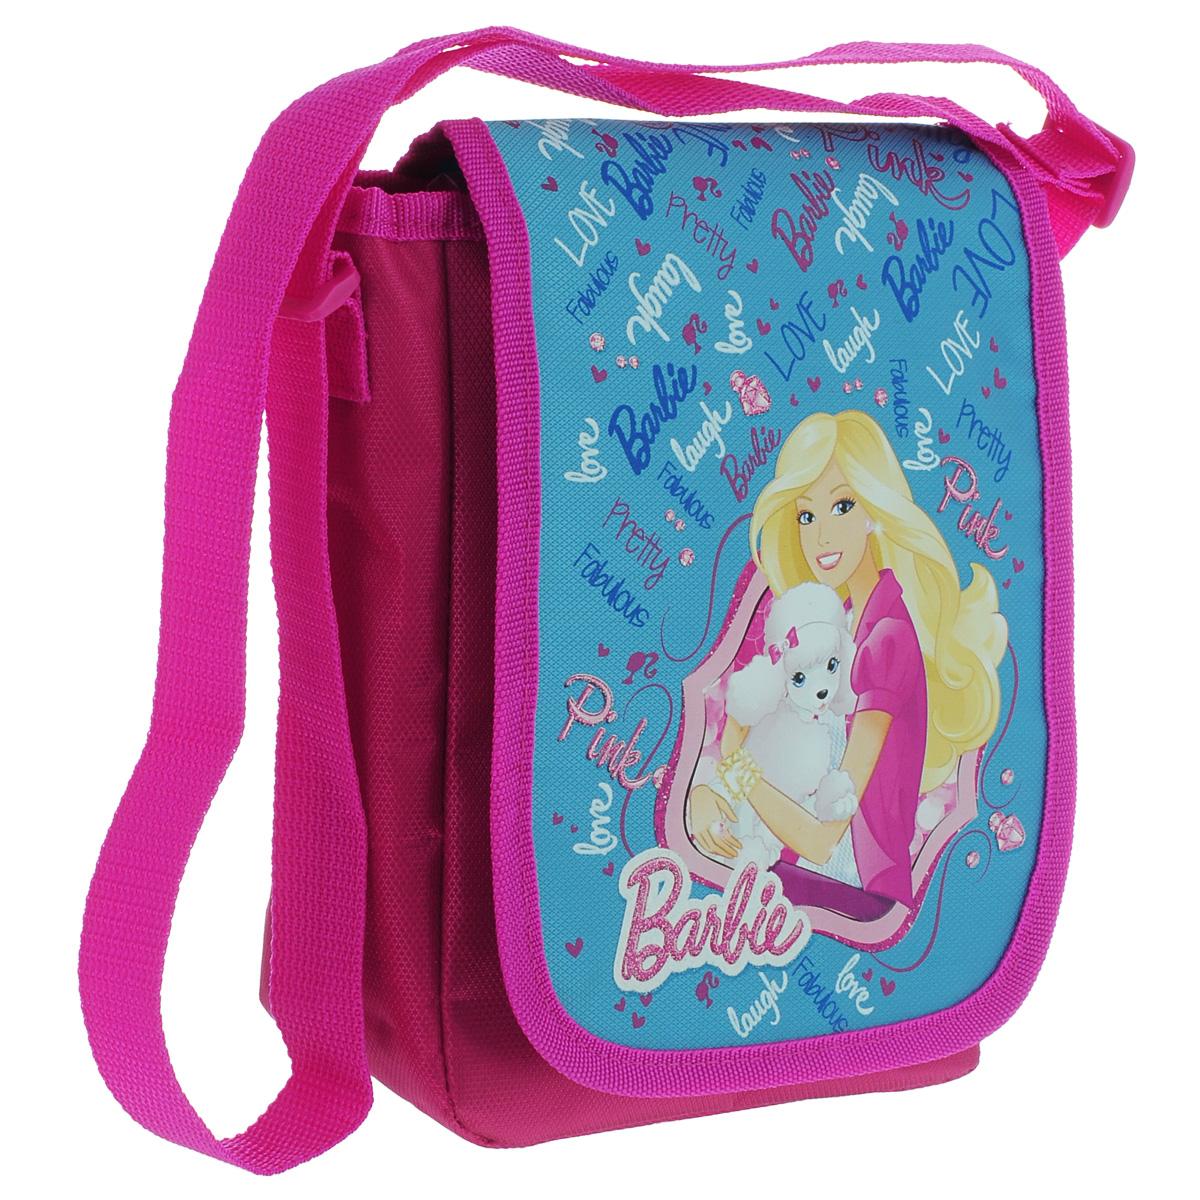 Сумка детская на плечо Barbie, цвет: розовый, голубойBRBB-UT1-4060Детская сумка Barbie выполнена из прочного полиэстера и оформлена термоаппликацией с изображением очаровательной Барби с белым пуделем. Сумочка содержит одно отделение и закрывается клапаном на липучку. Внутри находится пришивной кармашек для мелочей на молнии. Сумочка оснащена регулируемым по длине текстильным ремнем для переноски на плече, благодаря чему подойдет ребенку любого роста. Рекомендуемый возраст: от 7 до 10 лет.